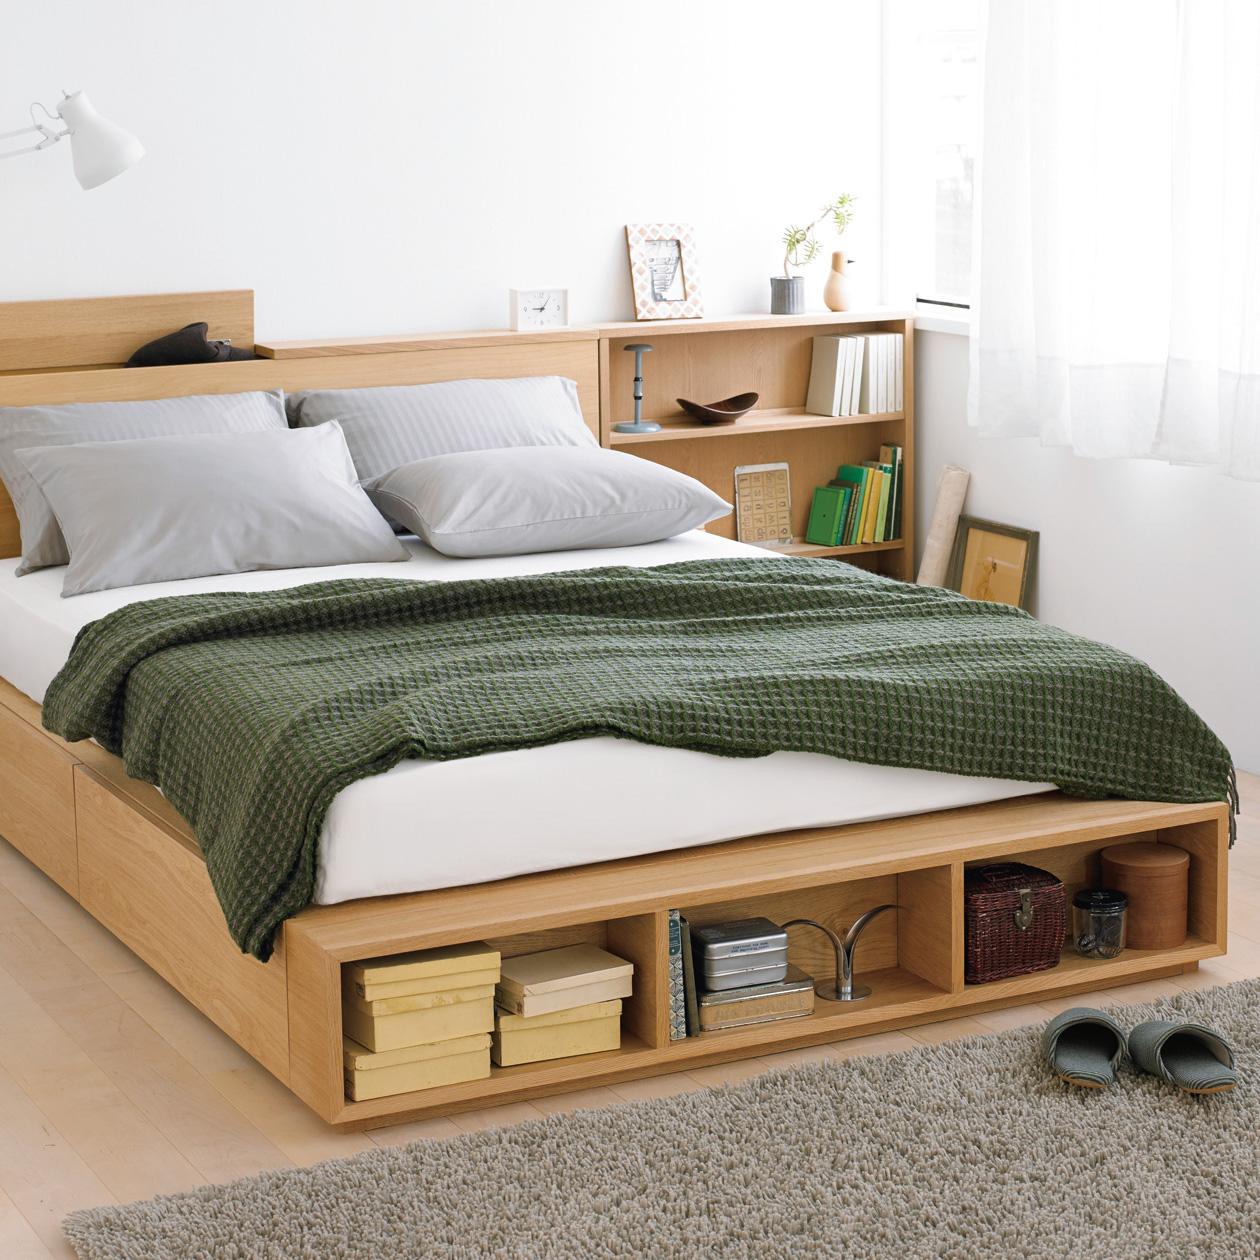 Деревянная кровать с полкой